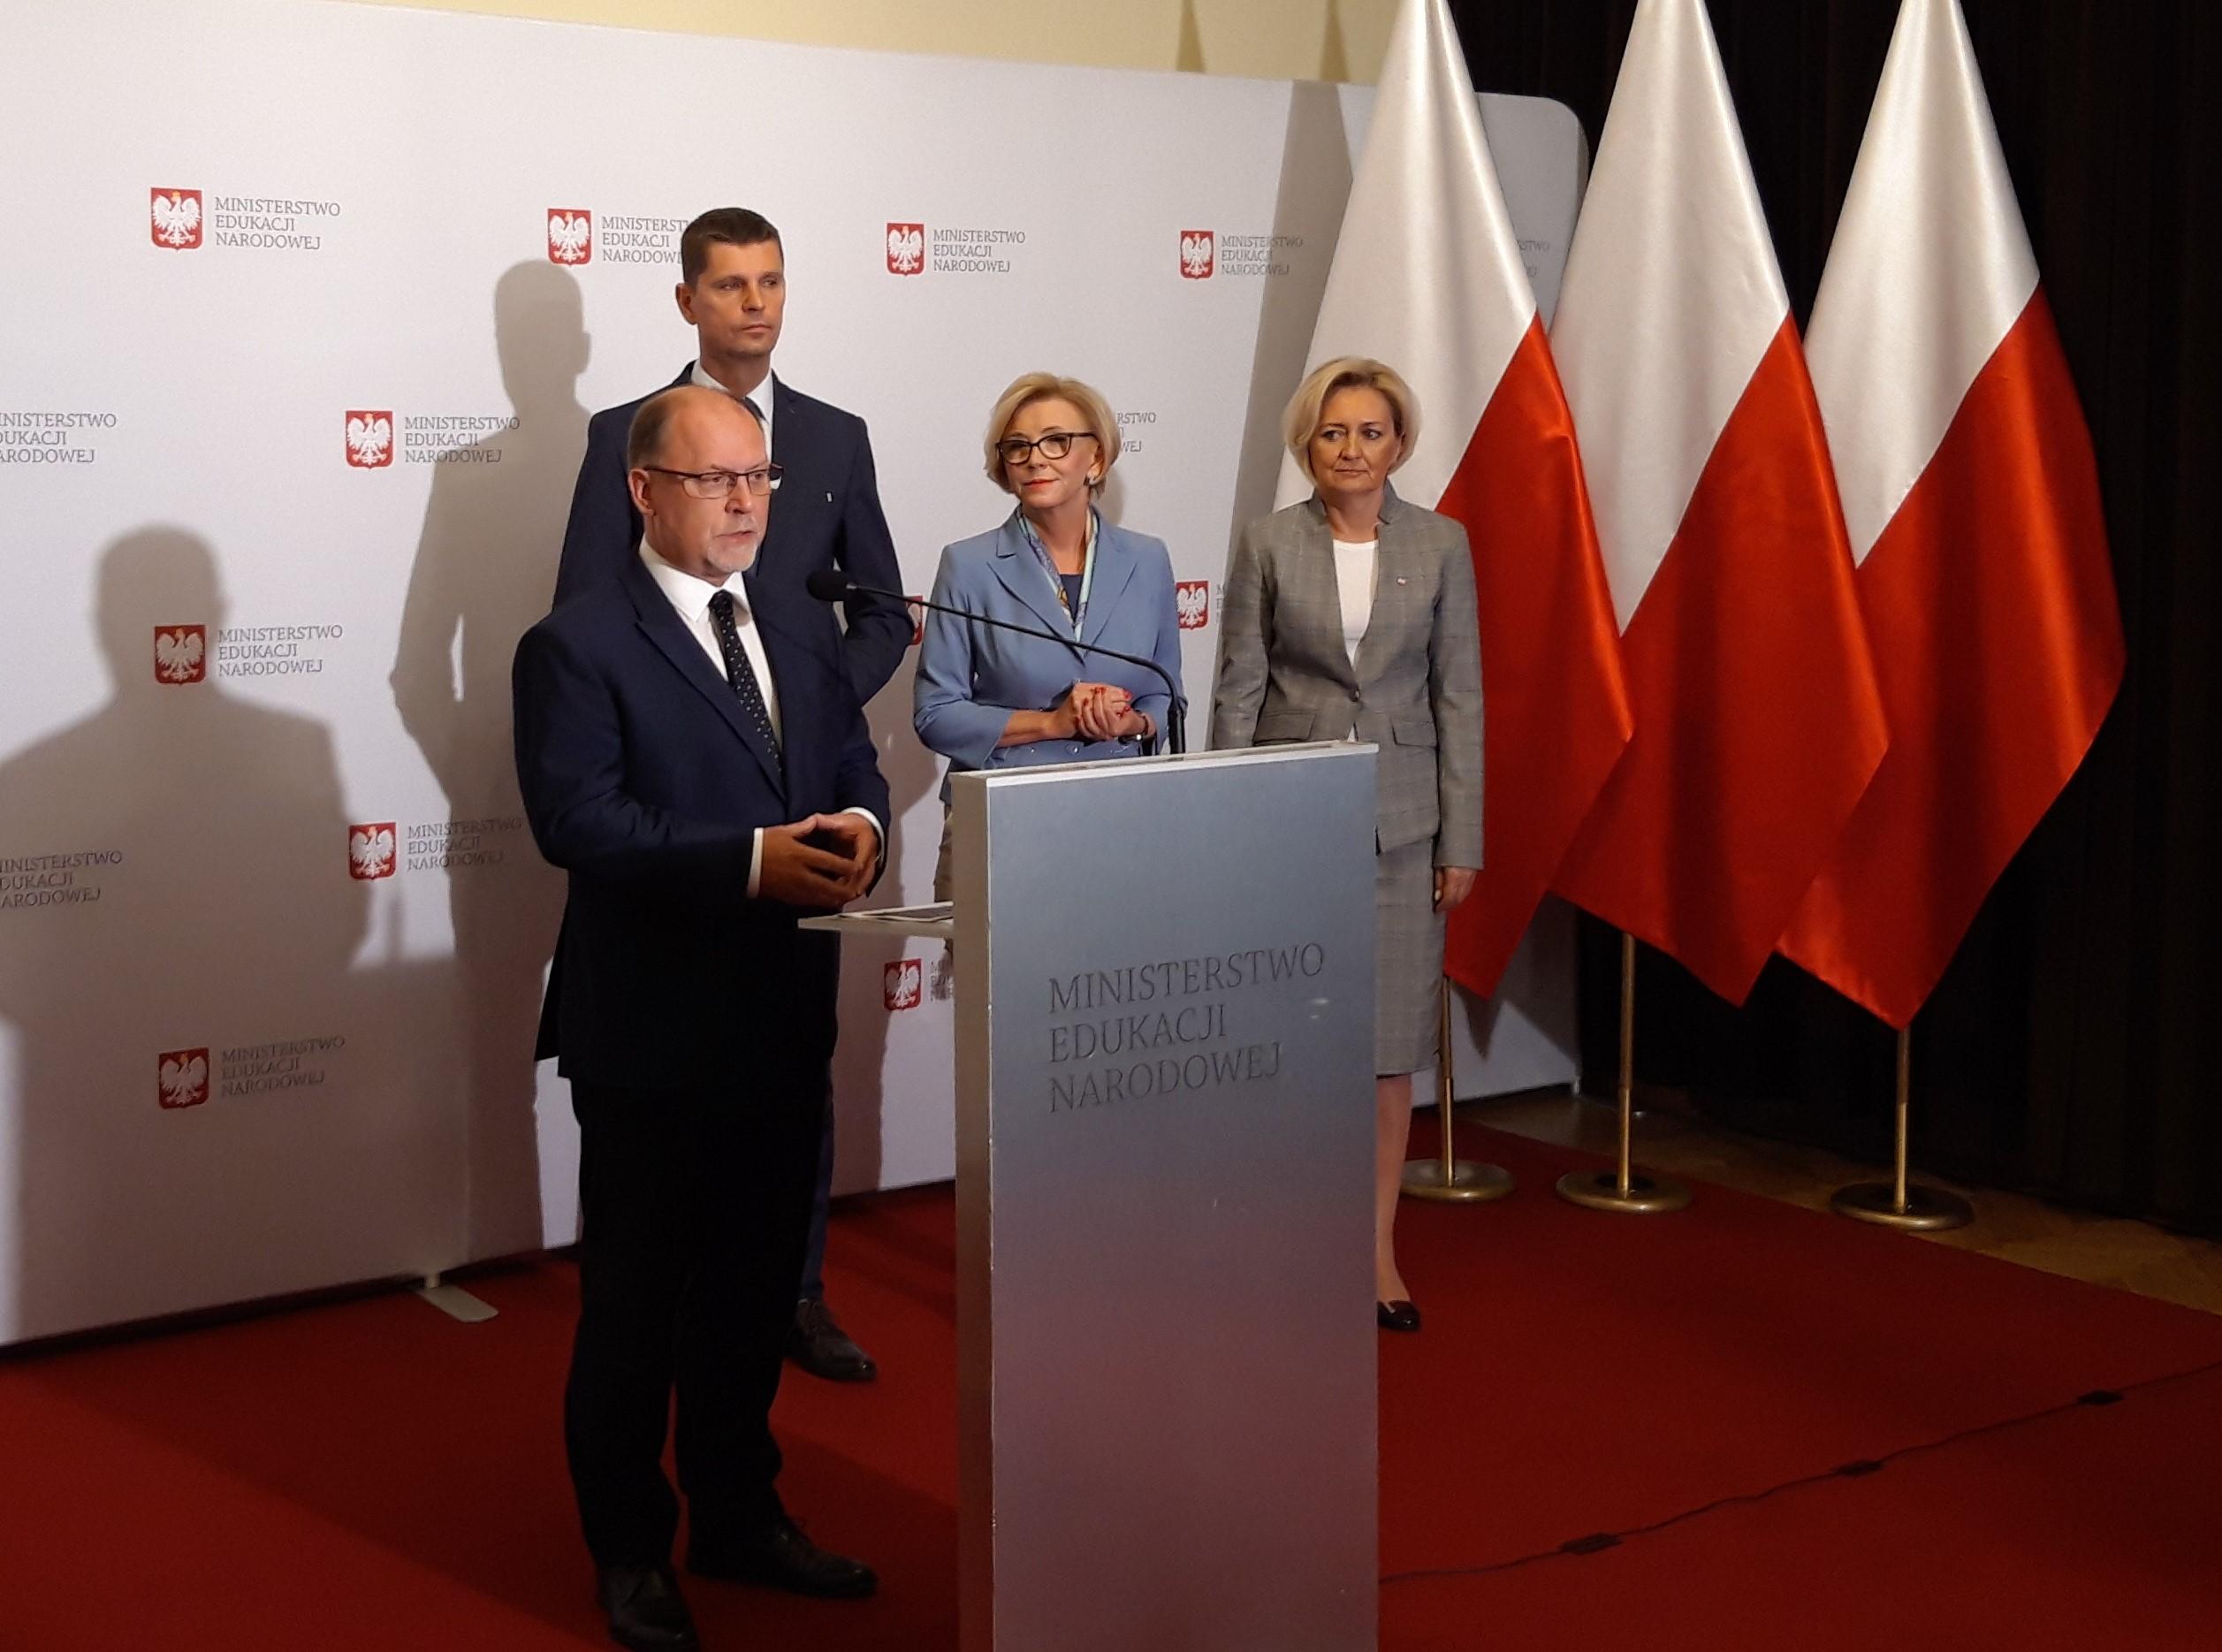 Konferencja prasowa w MEN. Od lewej: Zdzisław Sipiera, Dariusz Piontkowski, Marzena Machałek oraz Aurelia Michałowska (fot. BB)